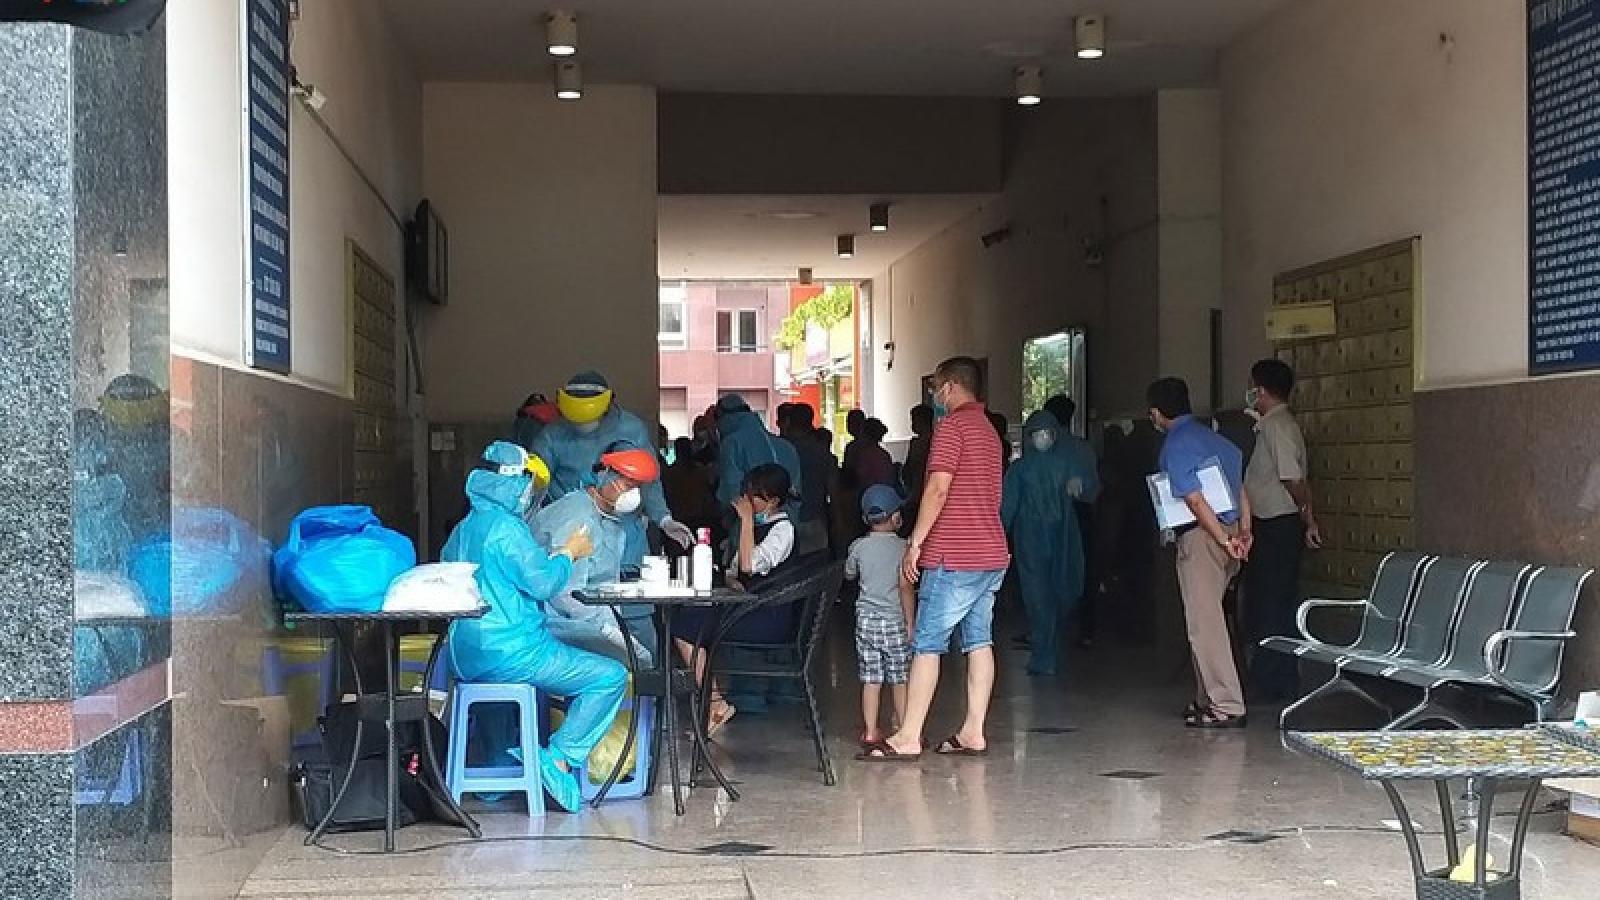 Phong tỏa một chung cư tại TPHCM, xét nghiệm 300 người phòng Covid-19